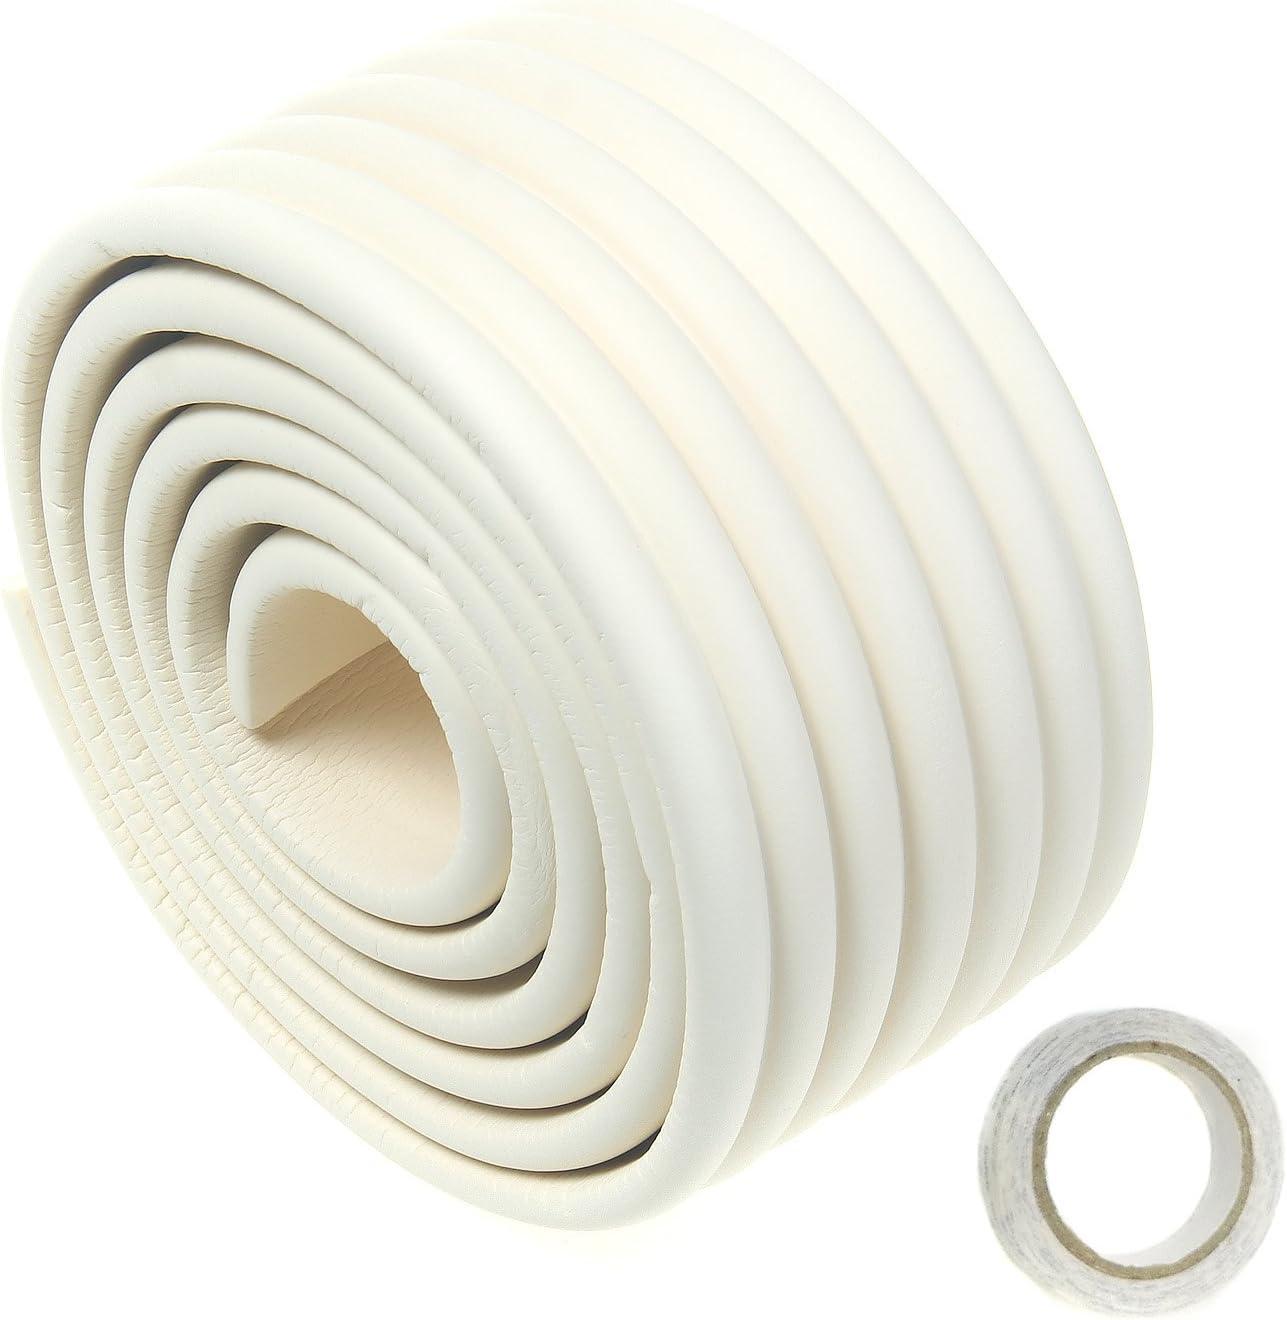 TUKA Multiusos Protector Espuma, 200cm x 80mm x 8mm Universal anticolisión Protector Rollo para Superficie Dura & Bordes, anticolisión Protección Tira para Bebés Niños, Off Blanco, TKD7002 Off Whi